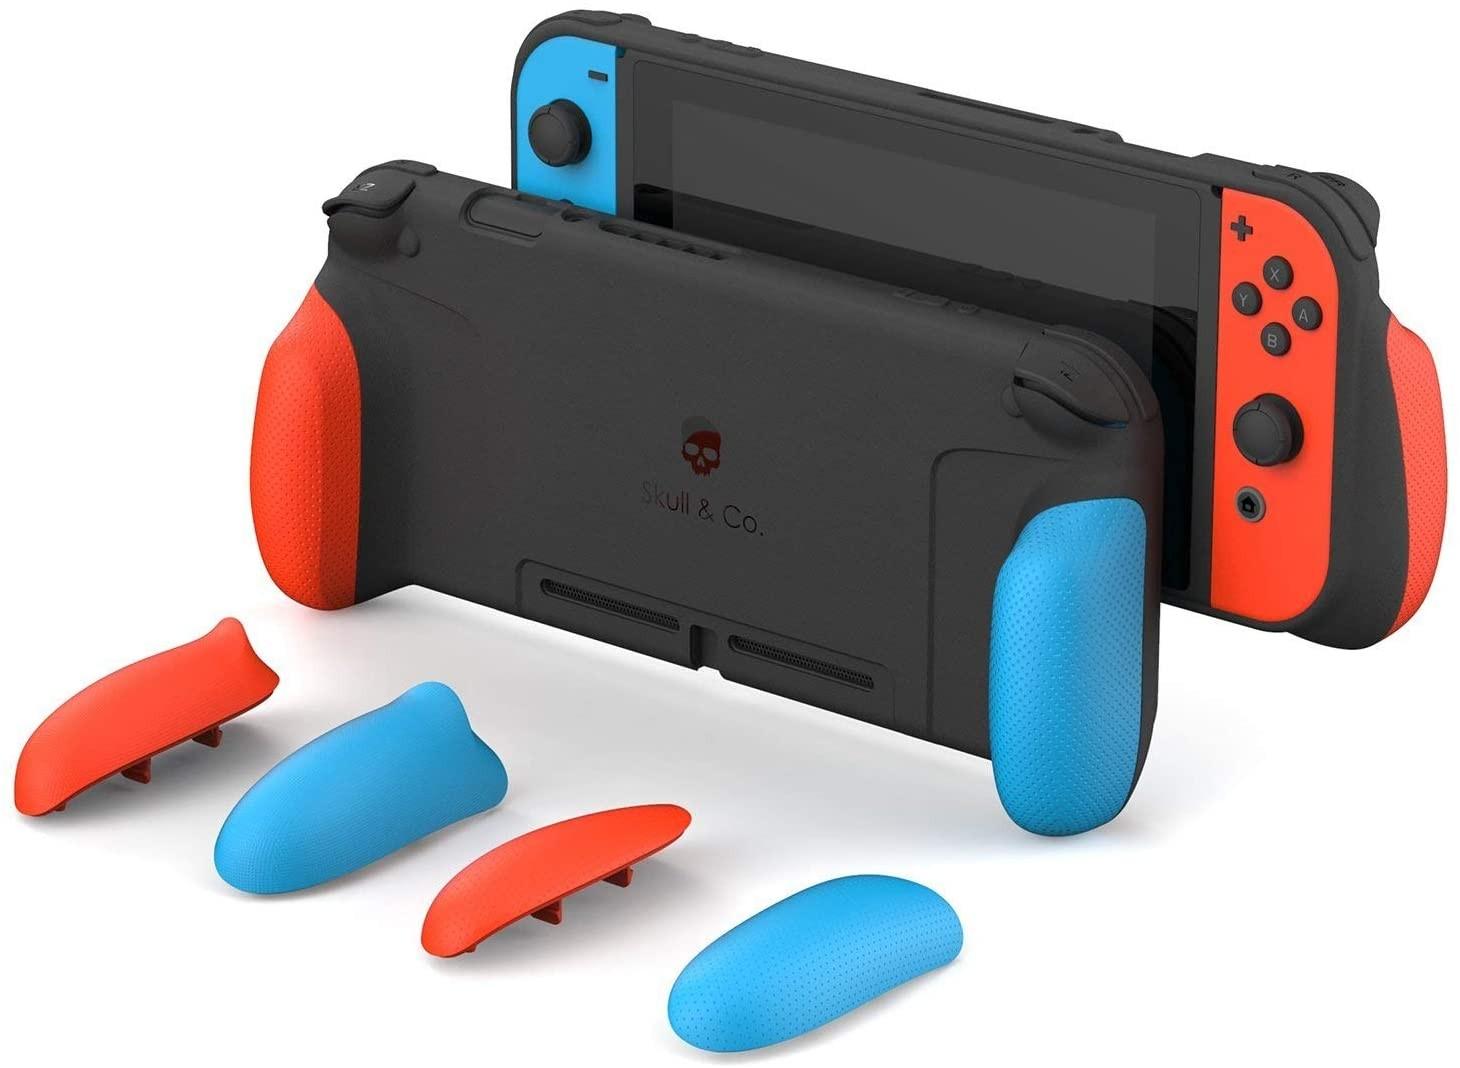 Змінні накладки-рукоятки Skull & Co. A Dockable Protective Case with Replaceable Grips Neon Red & Blue для SWITCH Неоновий червоний/неоновий синій